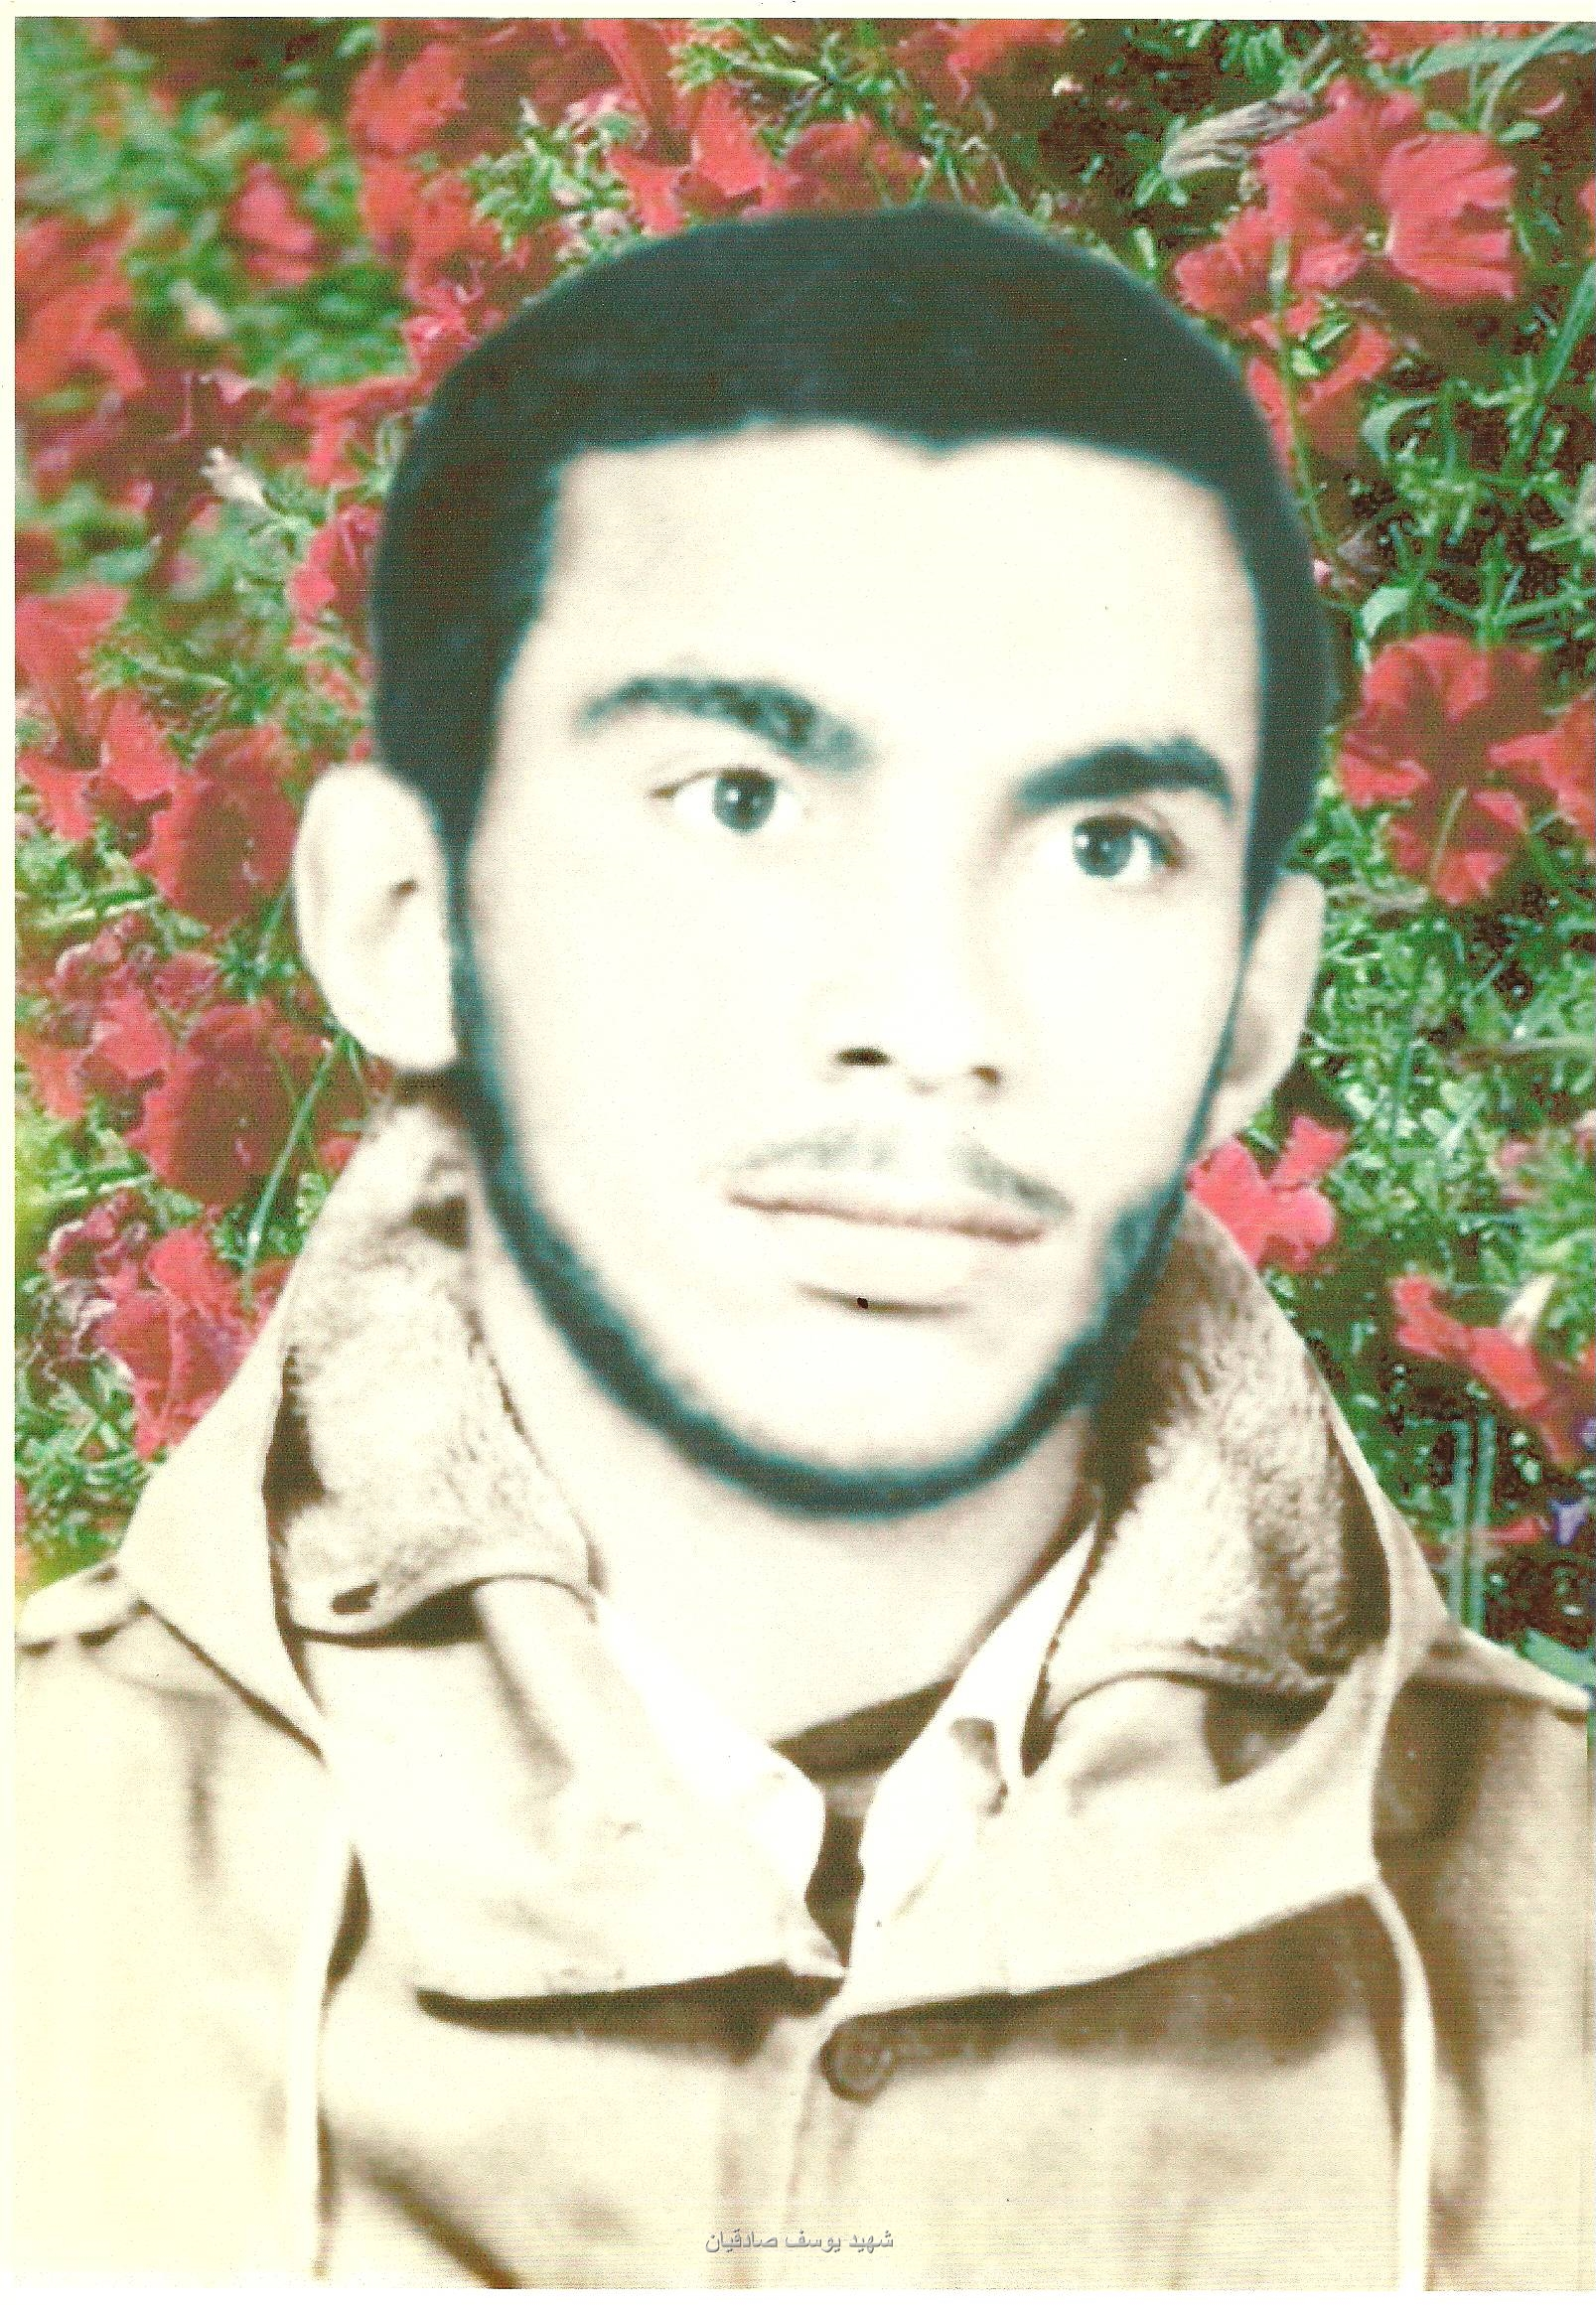 وبلاگ شهید چهارده سال بعد از انتظار